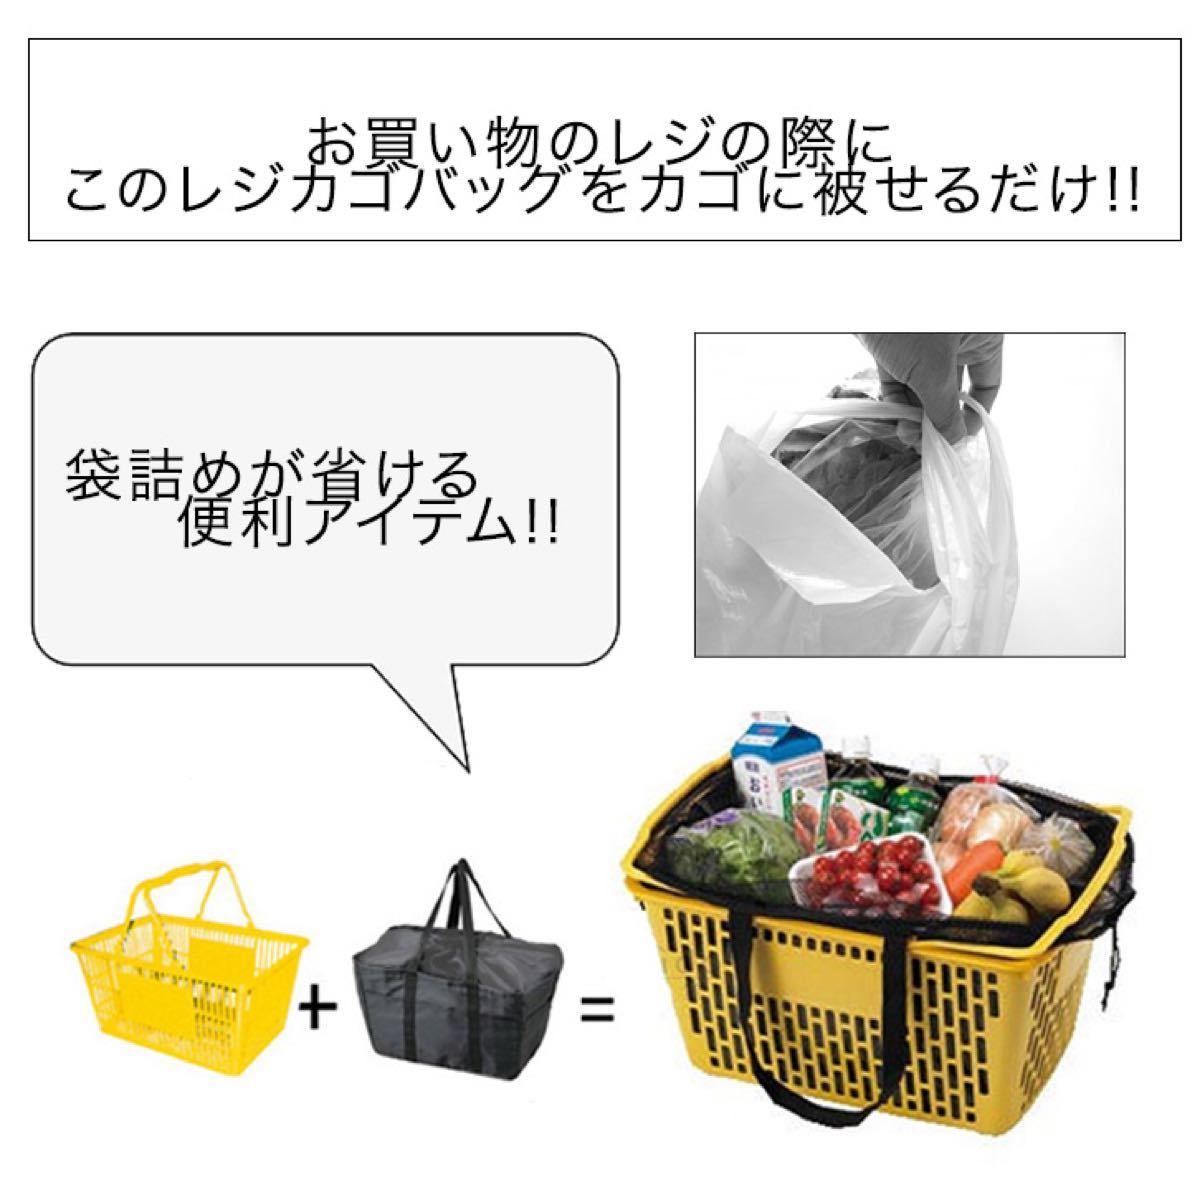 レジカゴバッグ エコバッグ レジカゴ エコ 買い物バッグ 買い物袋